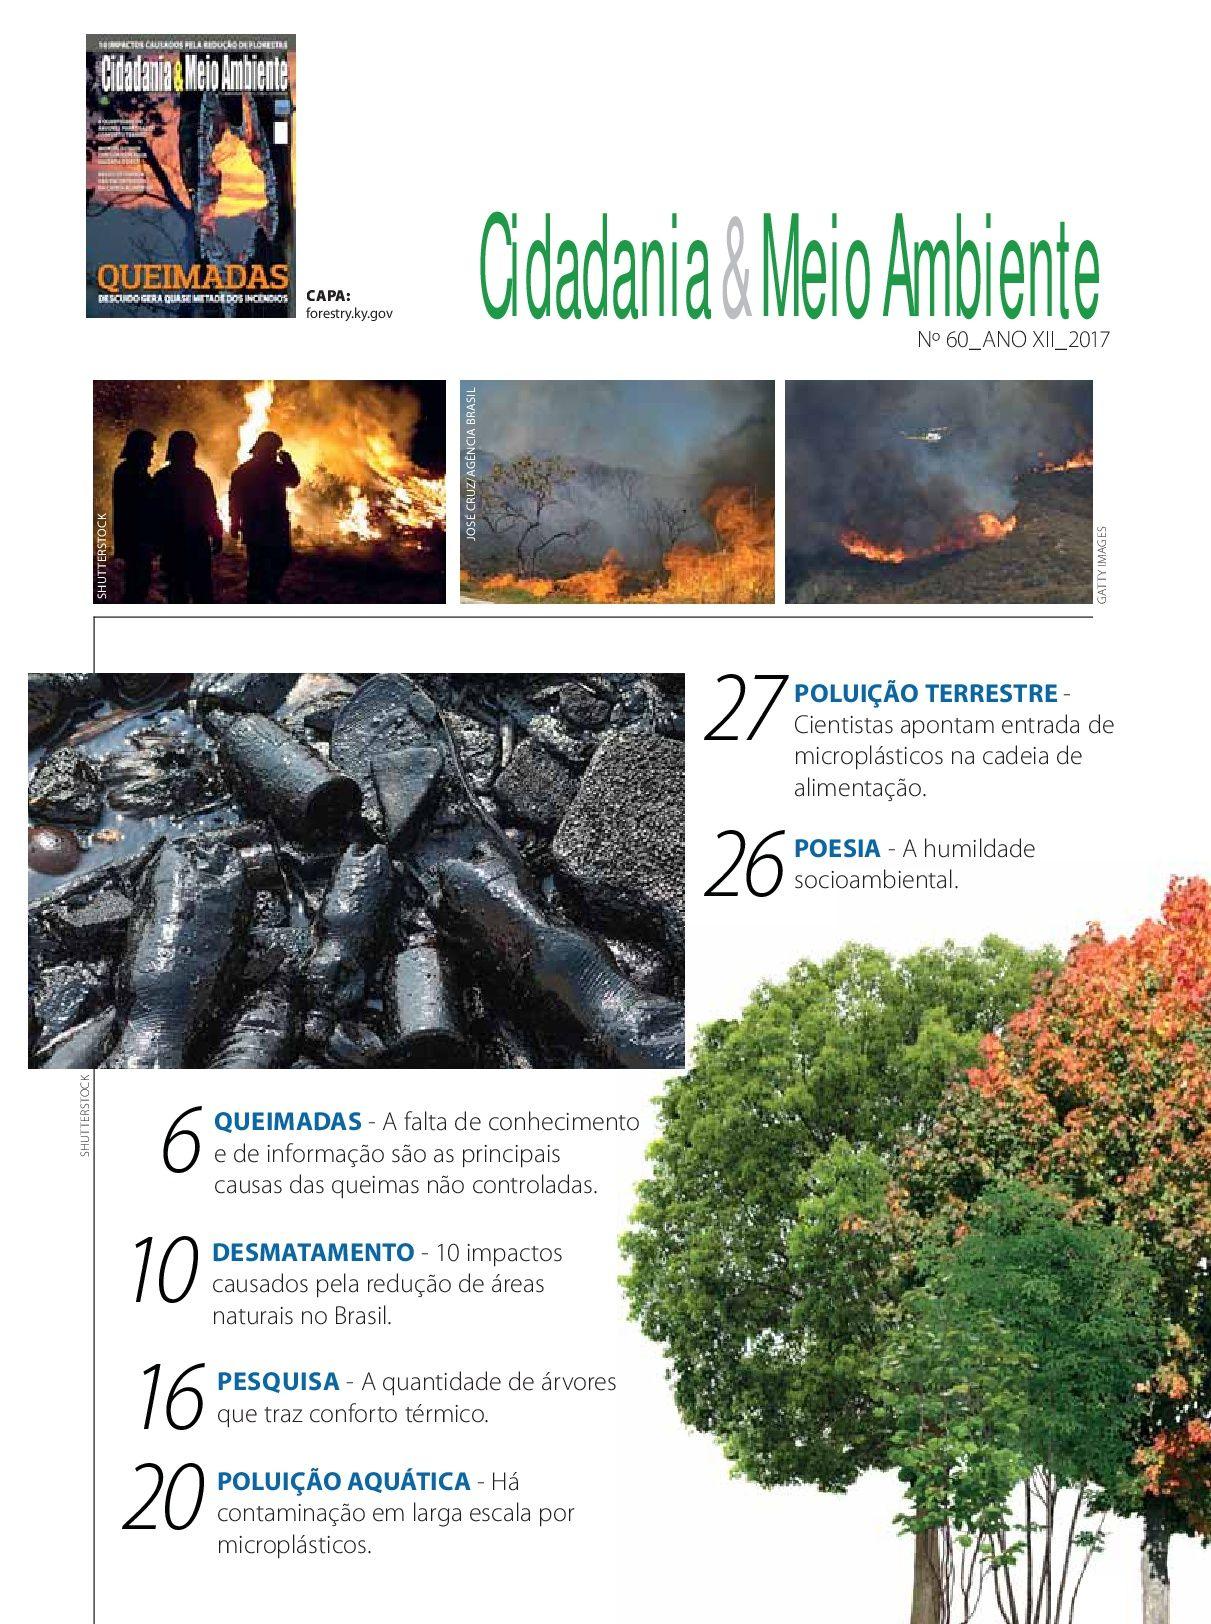 índice da Edição n° 60 da revista Cidadania & Meio Ambiente